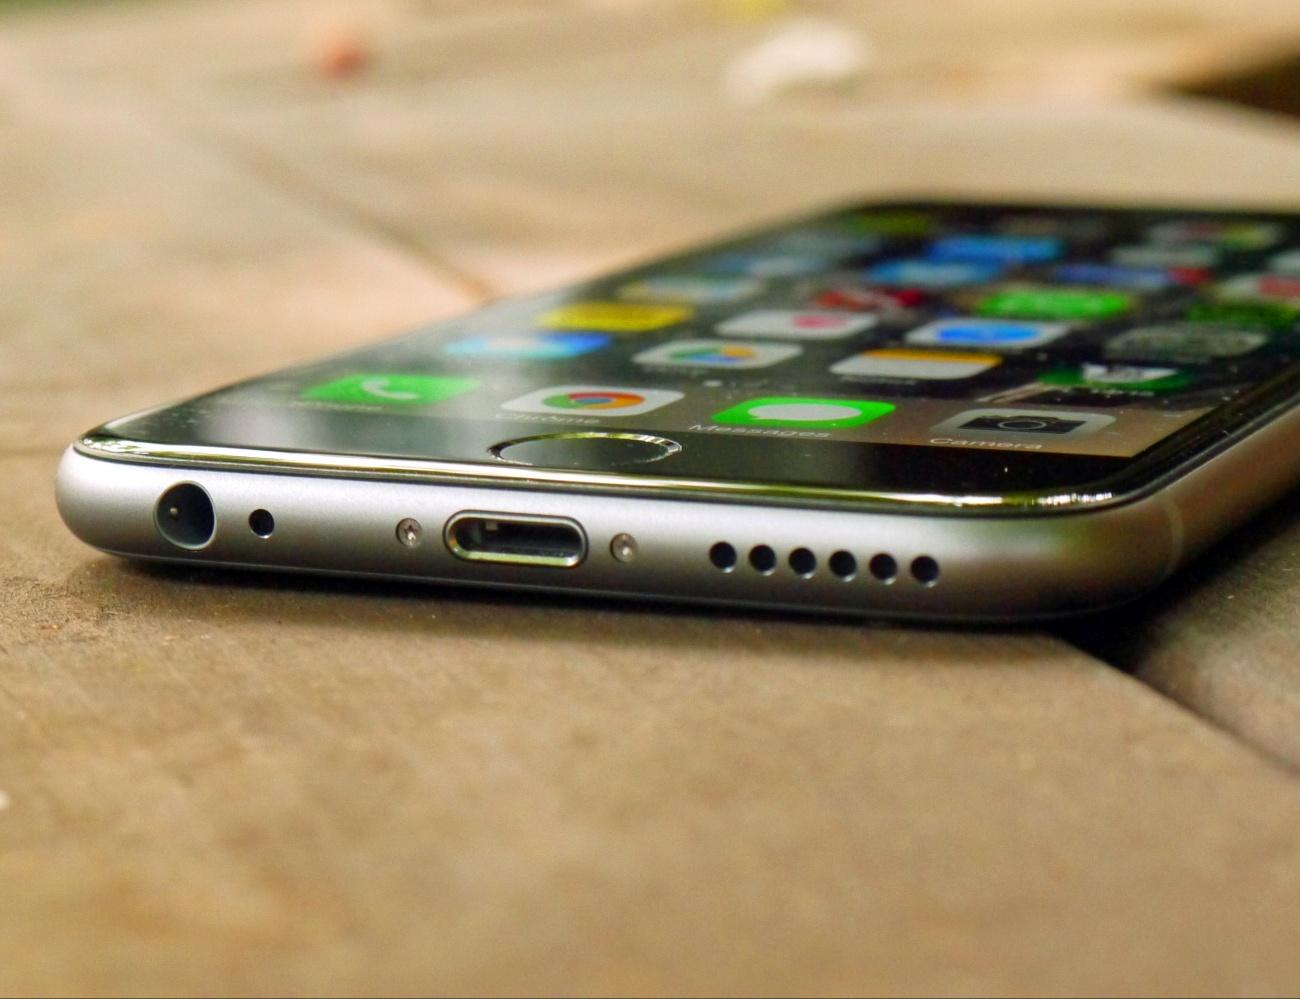 ВКазани устудента украли 25 айфонов